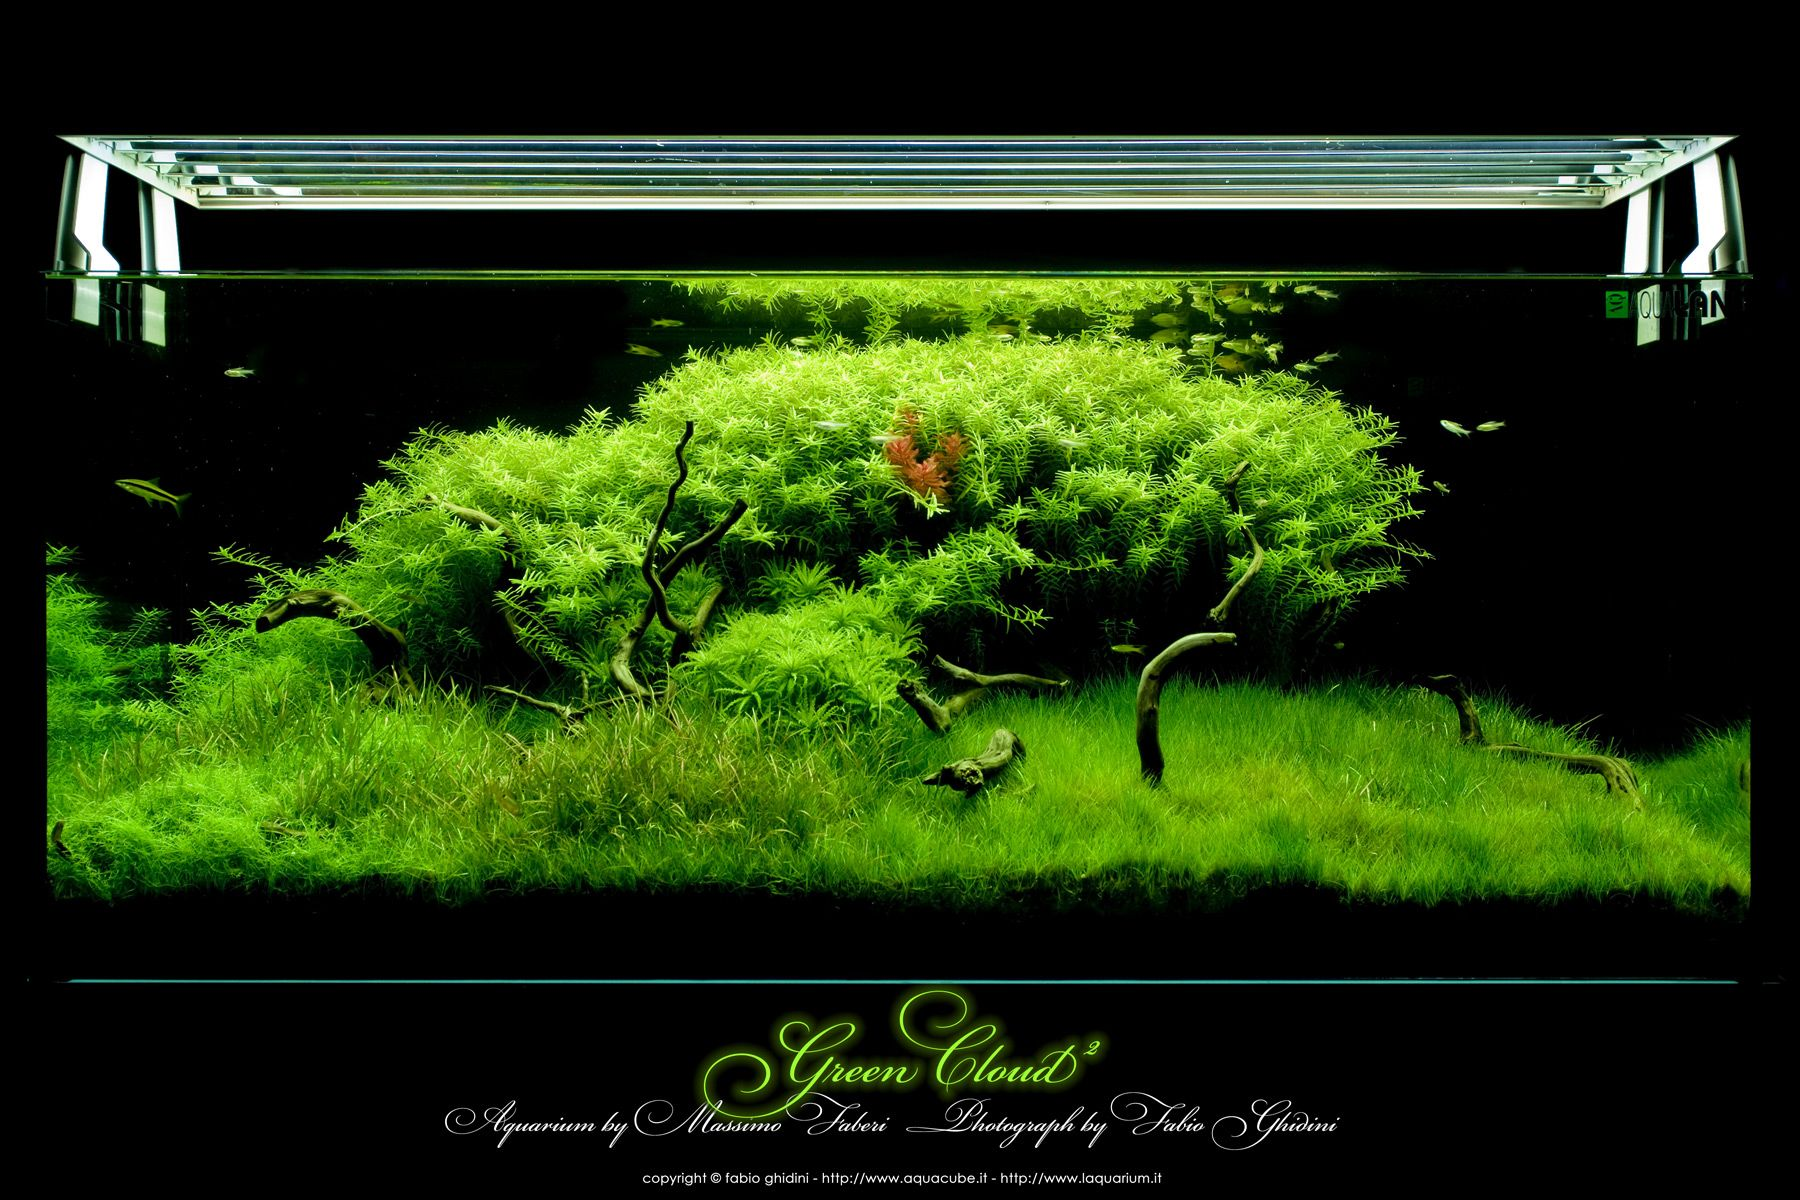 b457cb1431581c33fac21c72409f4832 Frais De Aquarium Amazonien Concept